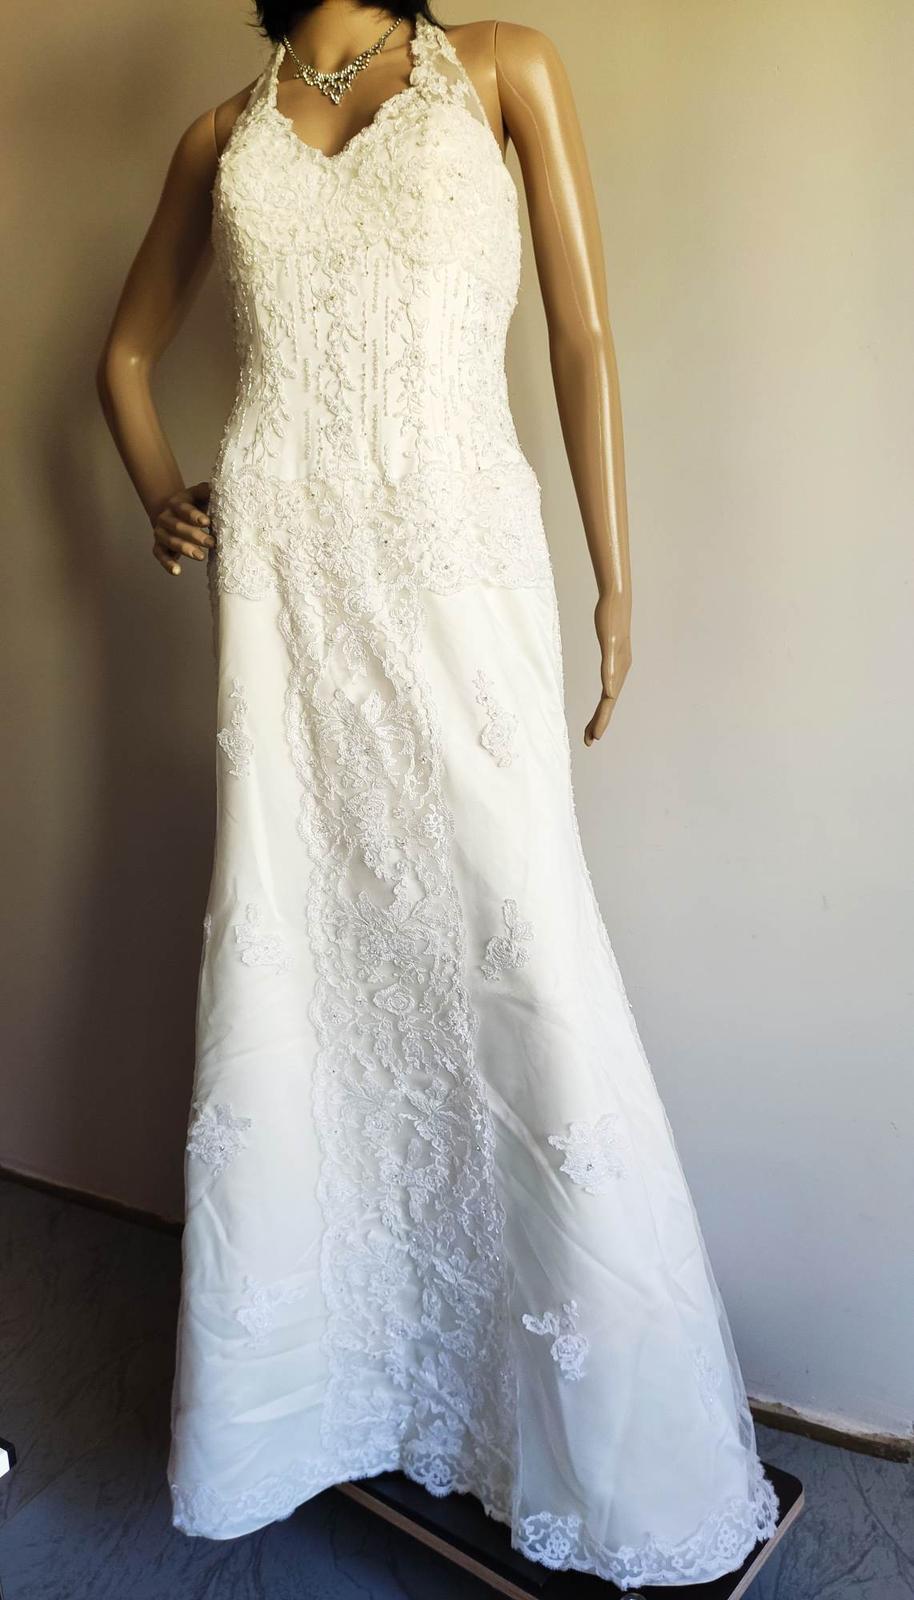 Svatební šaty La Sposa Sion vel. 36 - Obrázek č. 1